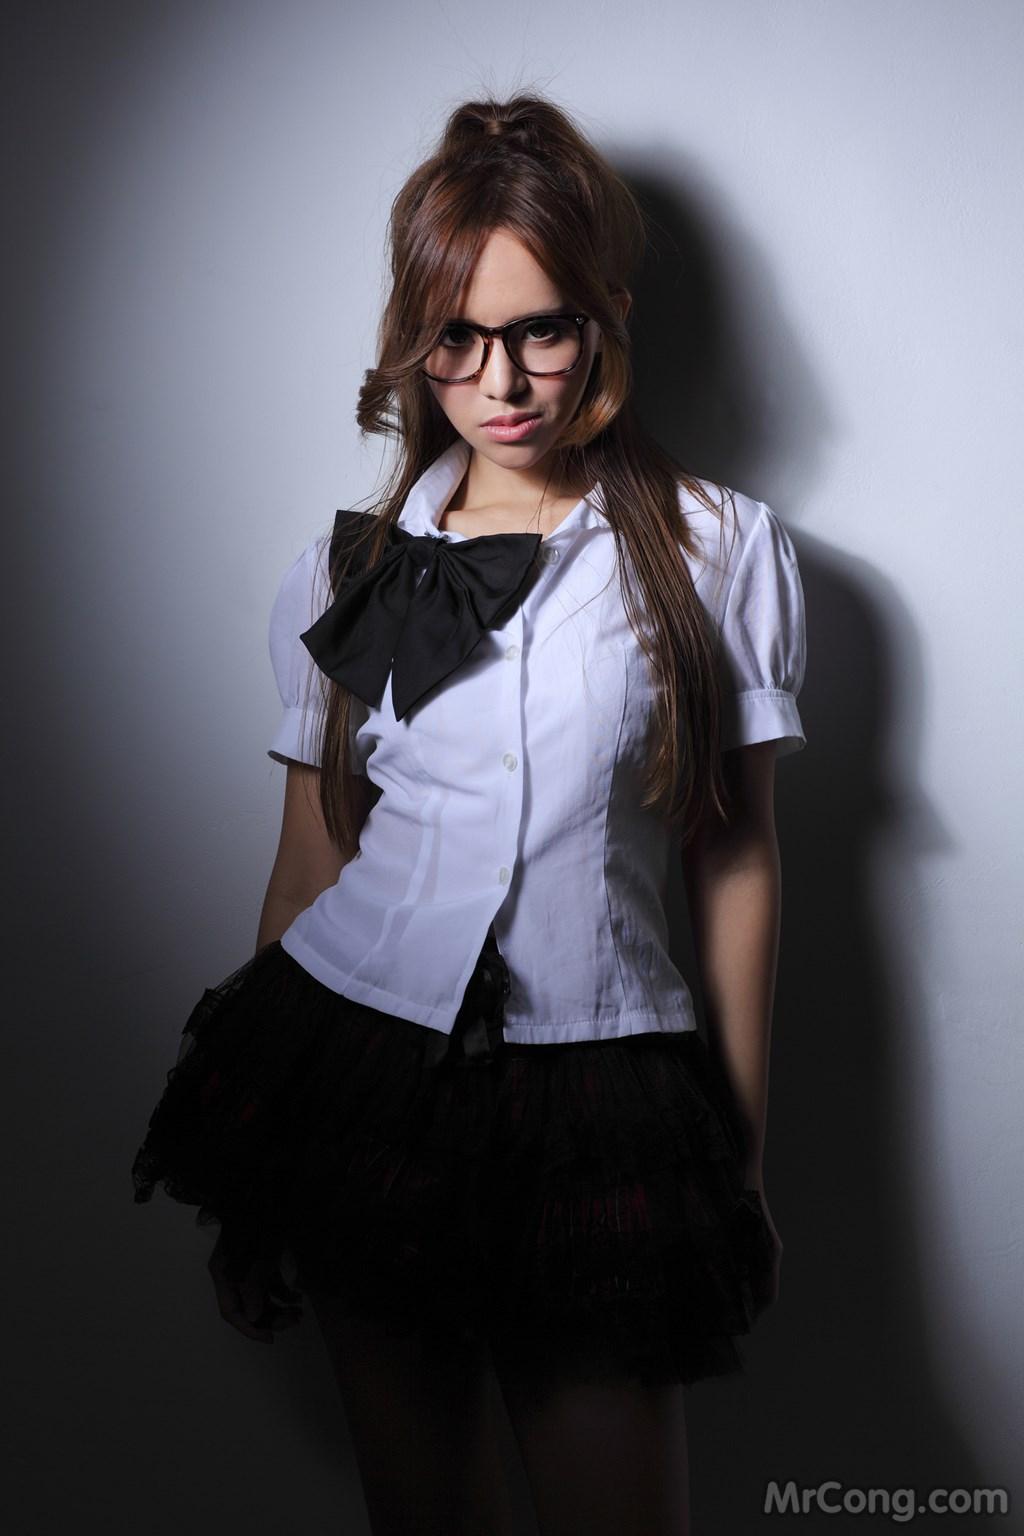 Image Girl-xinh-Dai-Loan-by-Joseph-Huang-Phan-2-MrCong.com-0038 in post Các cô gái Đài Loan qua góc chụp của Joseph Huang (黃阿文) - Phần 2 (1469 ảnh)